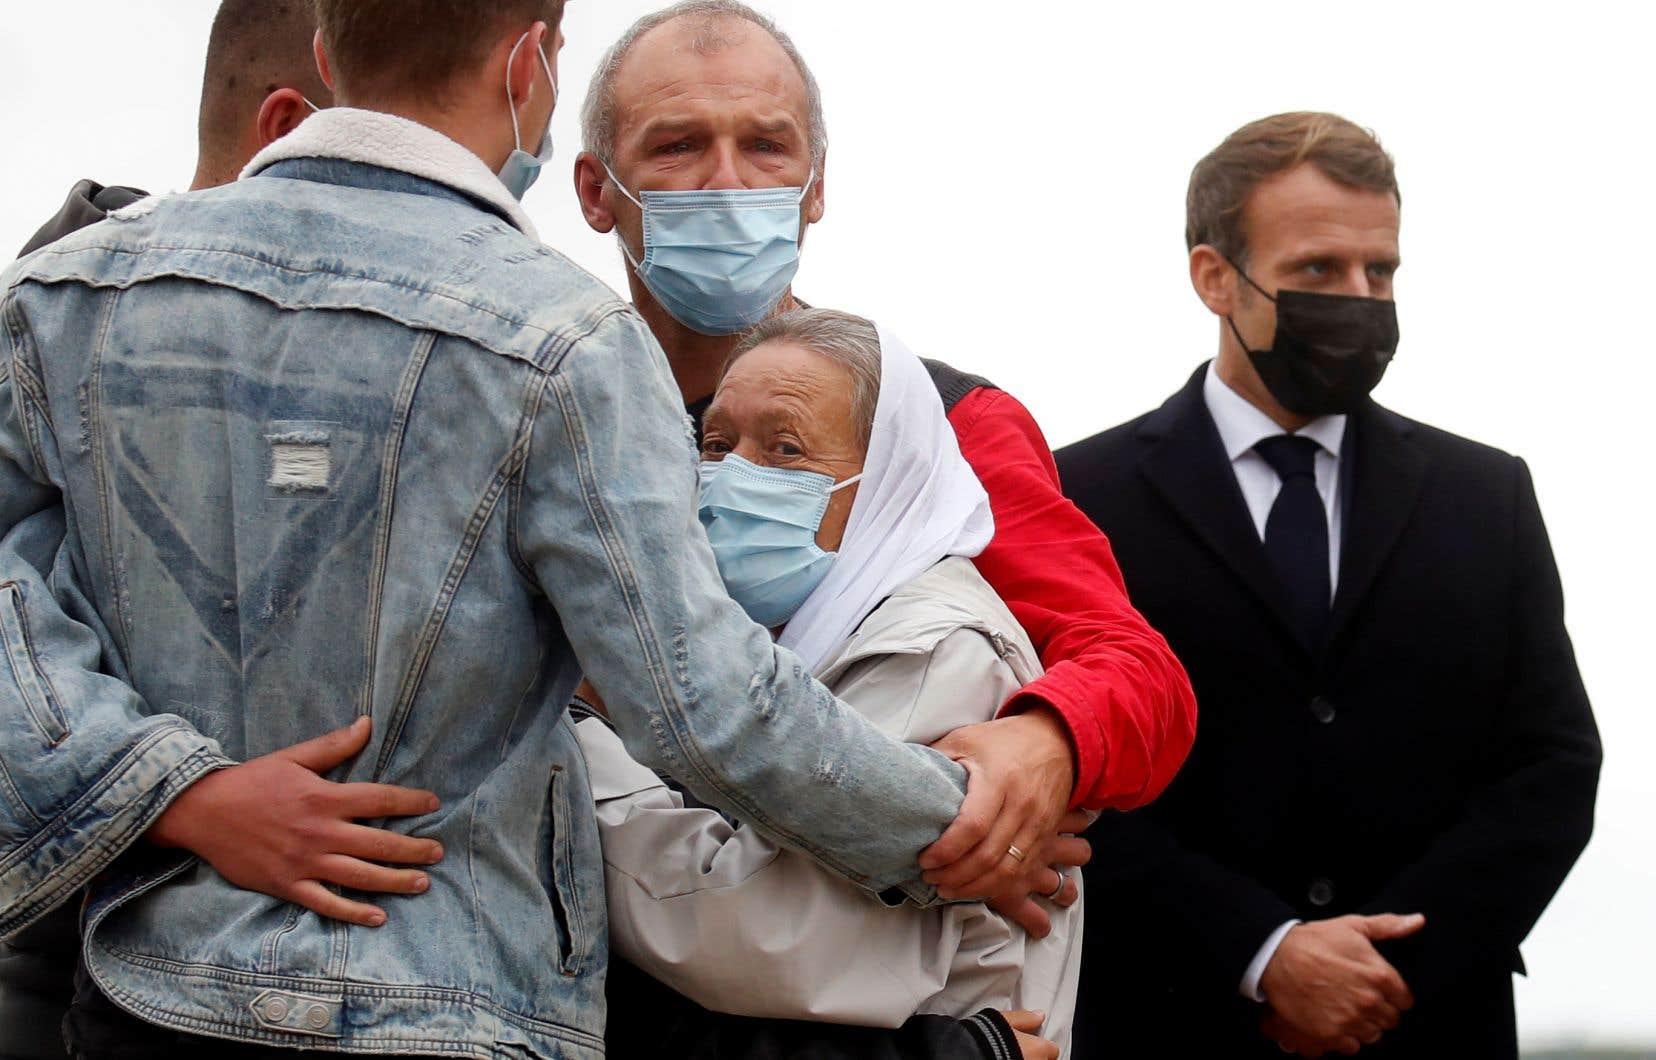 Sophie Pétronin (avec le voile blanc) a été  accueillie par  sa famille et  le président  Emmanuel  Macron à son  retour en sol français  le 9 octobre  dernier.